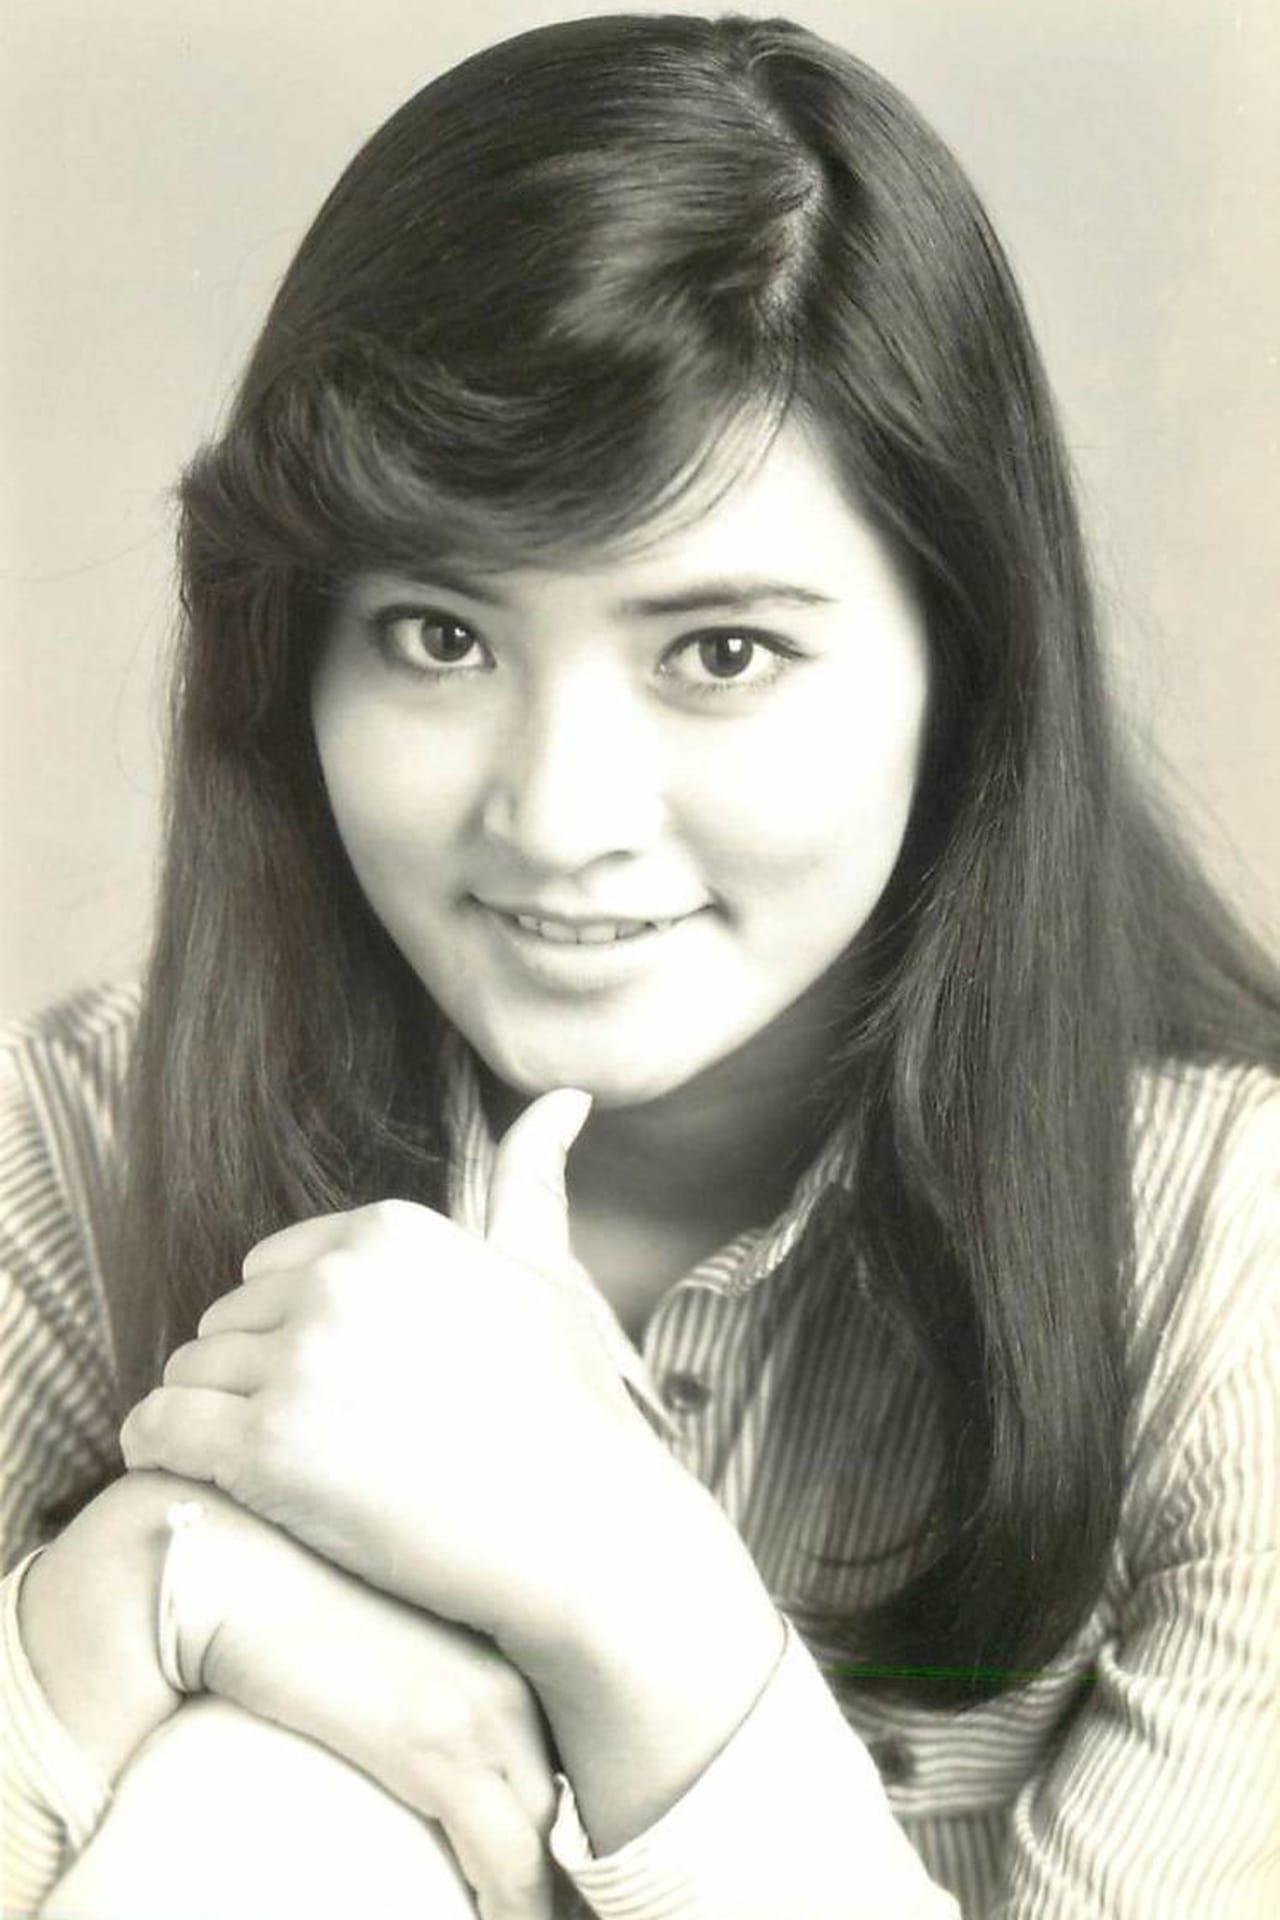 Etsuko Shihomi